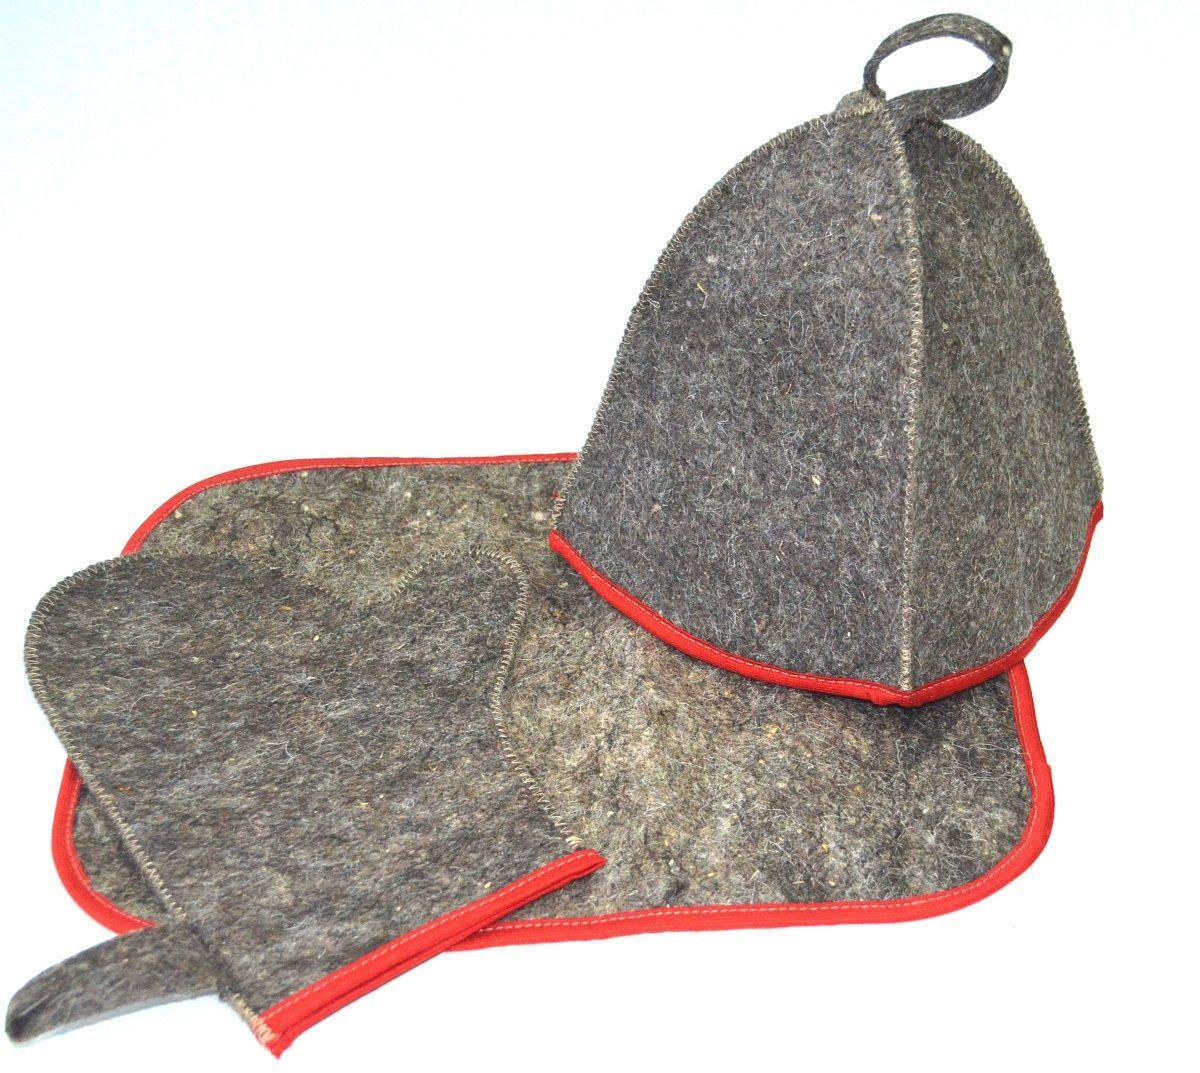 Набор для бани и сауны Ecology Sauna Эконом, 3 предмета, цвет: серый, красный